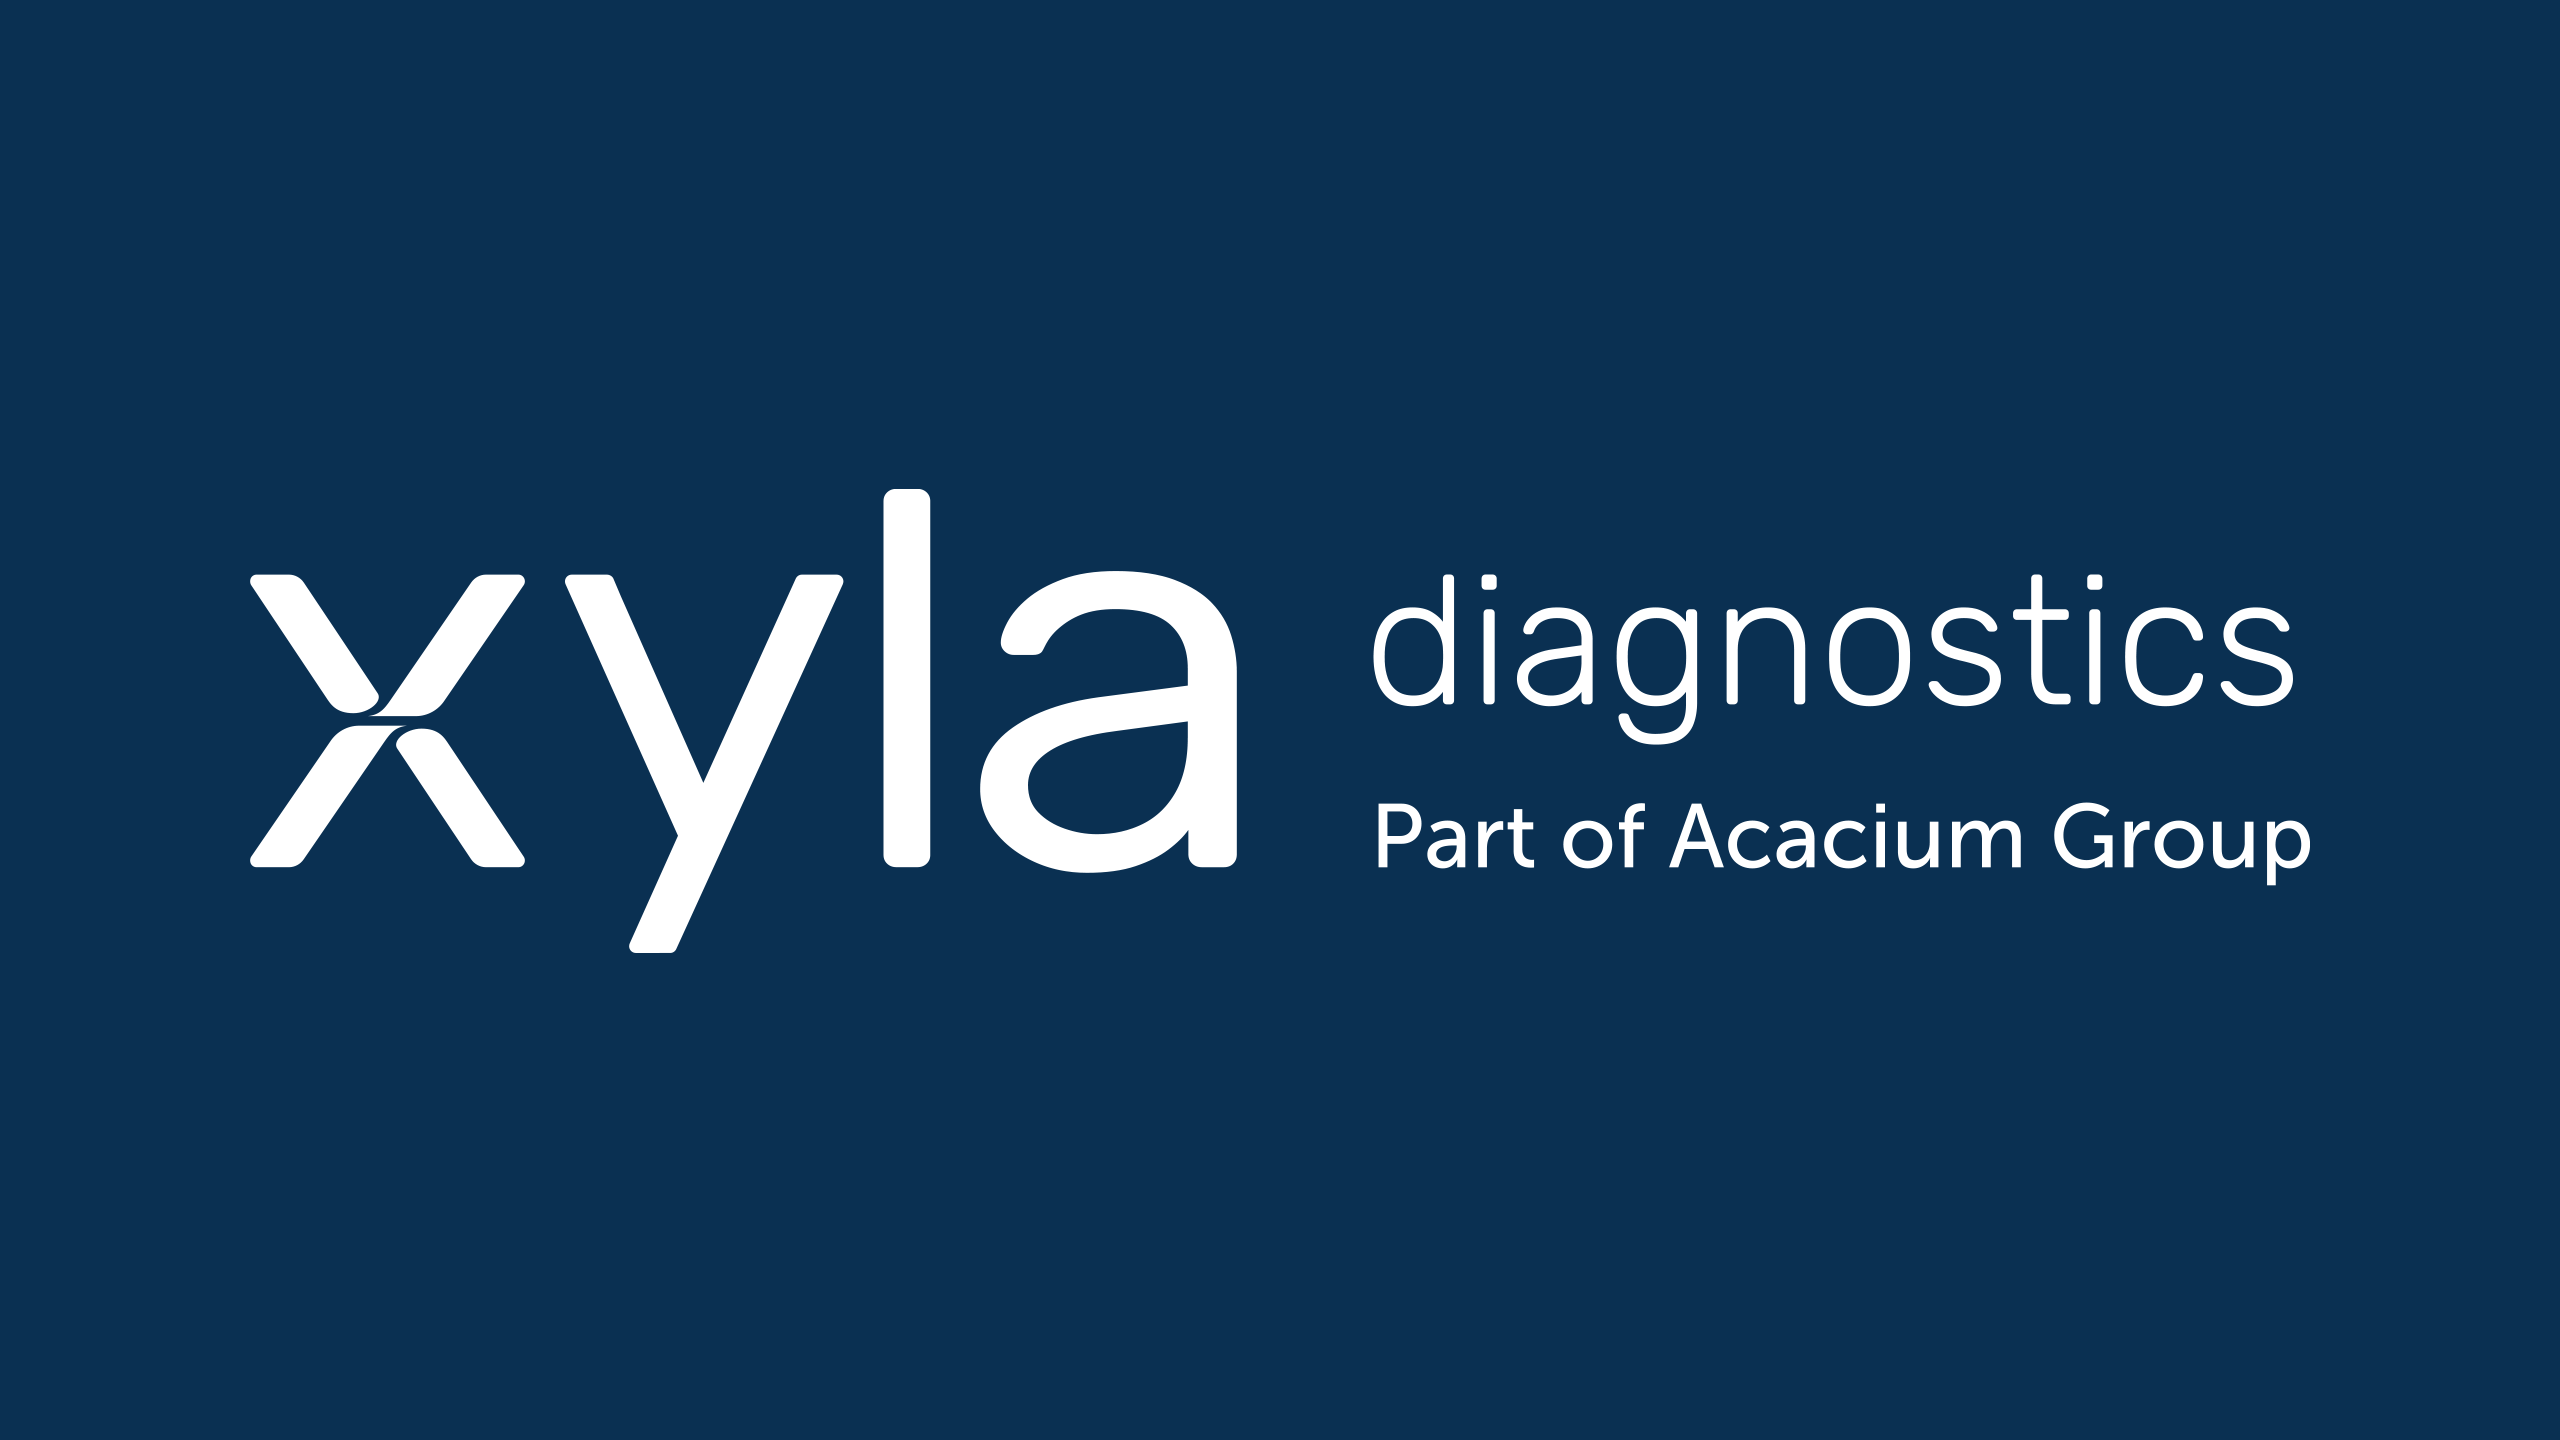 Xyla Diagnostics